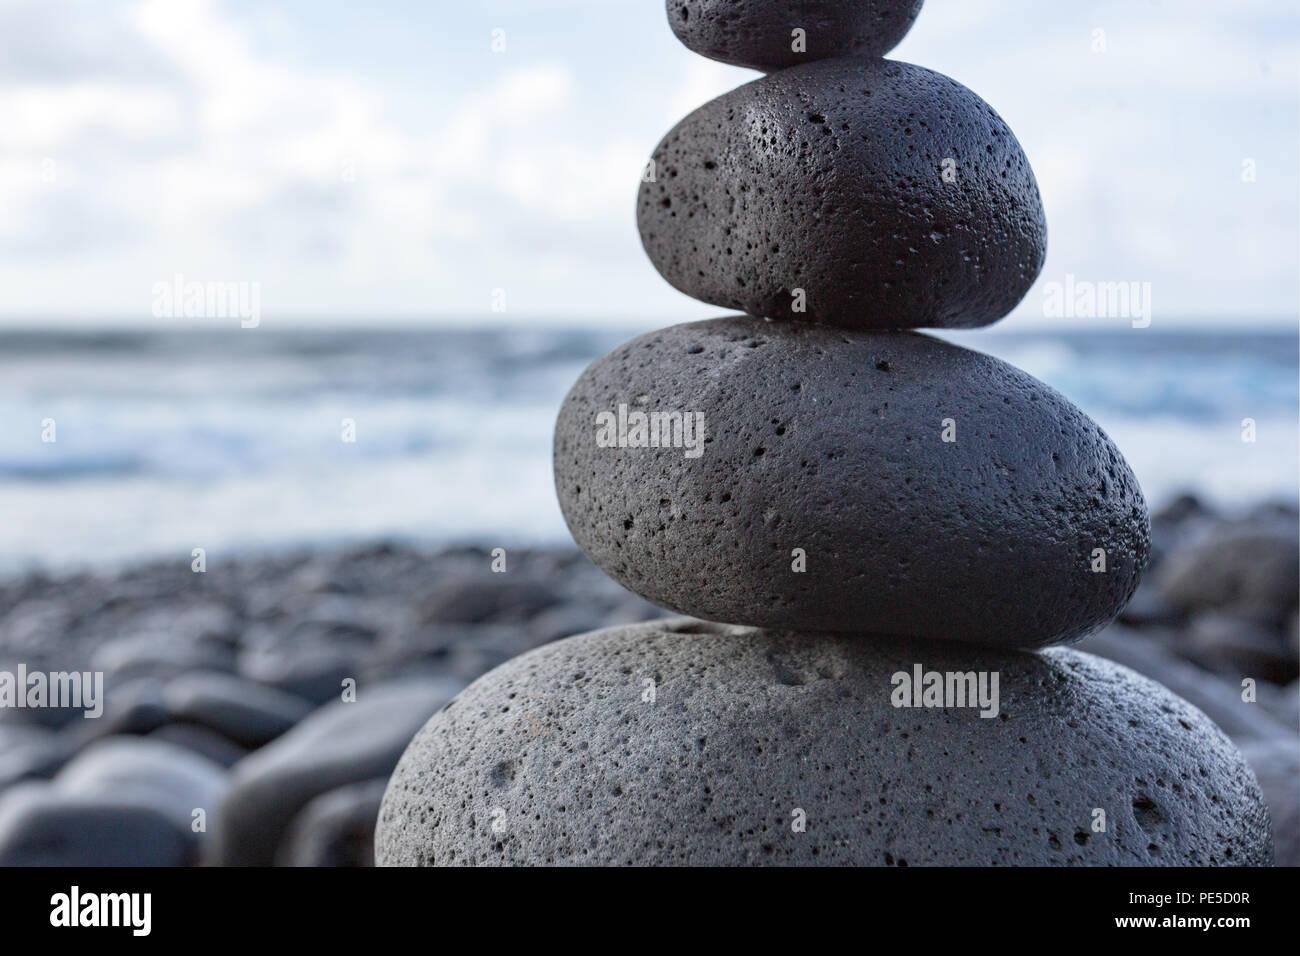 Detail einer ausgewogenen gestapelte Steine oder Kieselsteine am Strand mit dem Horizont im Hintergrund. Stockfoto